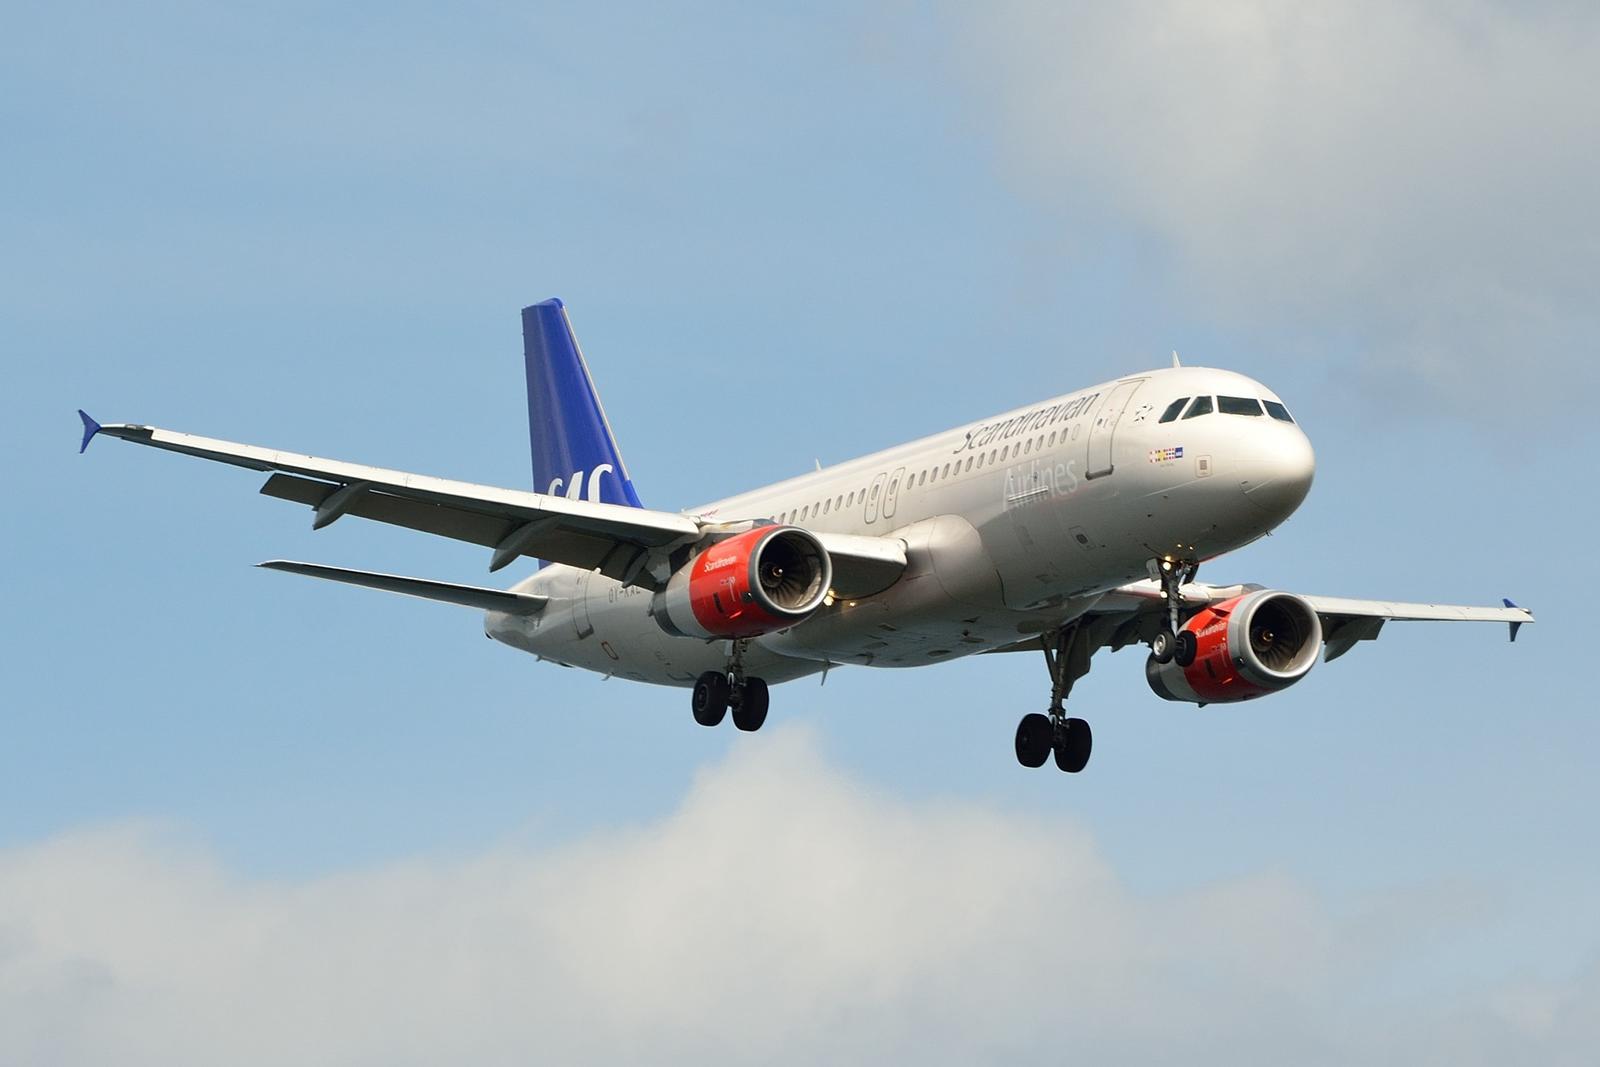 SAS Airbus A320-200 (Foto: Morten Lund Tiirikainen)